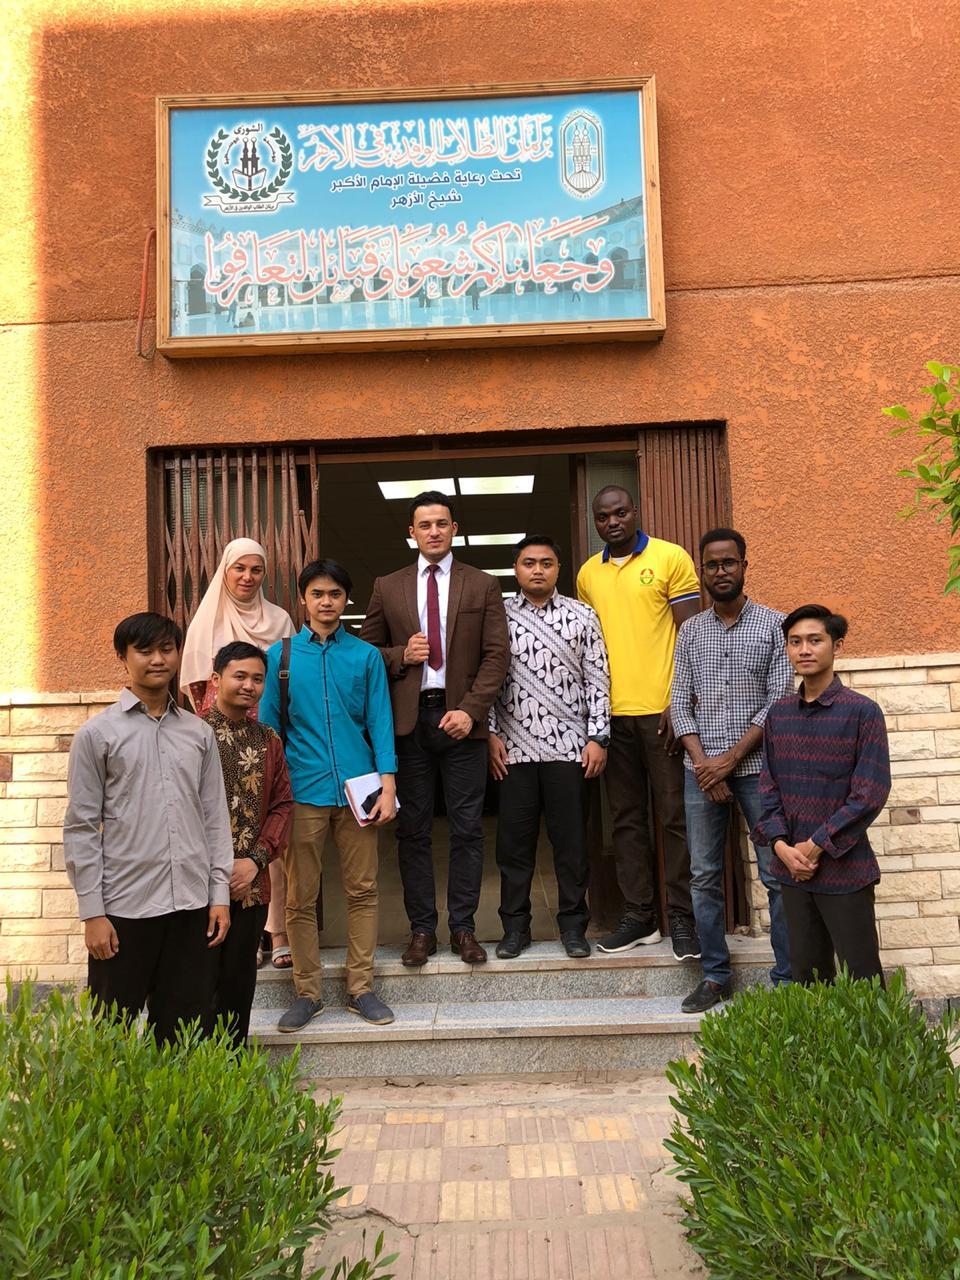 Klarifikasi Minhah Visa Pelajar dan Permasalahan Tempat Tinggal, PPMI Jalin Diplomasi  dengan Parlemen Wafidin